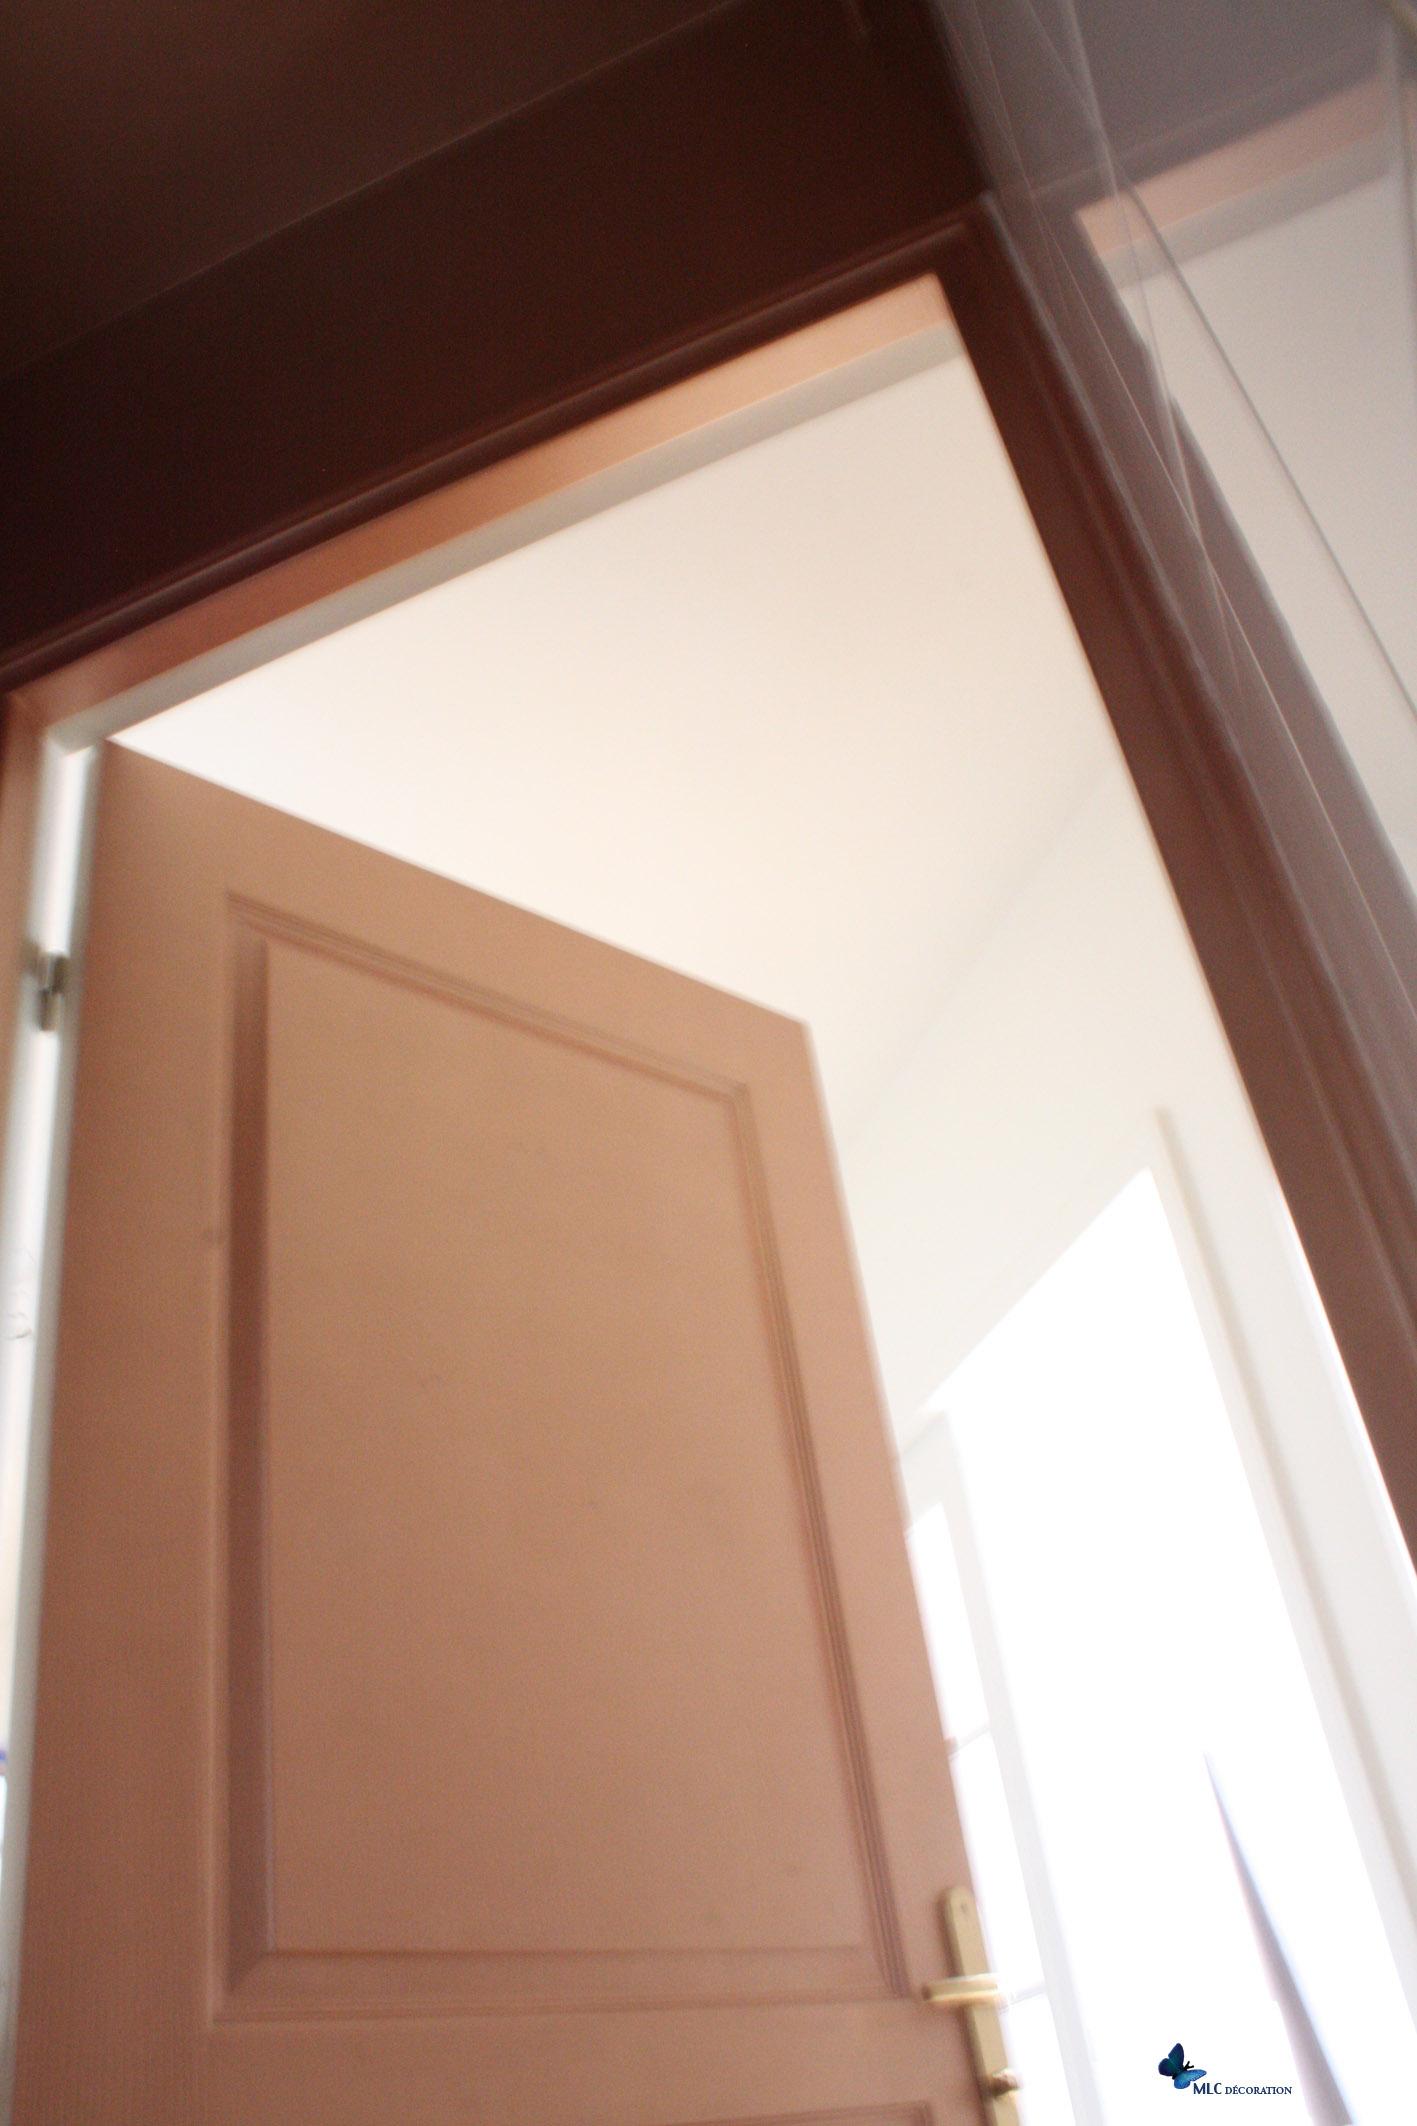 mur couleur cuivre id e inspirante pour la conception de la maison. Black Bedroom Furniture Sets. Home Design Ideas